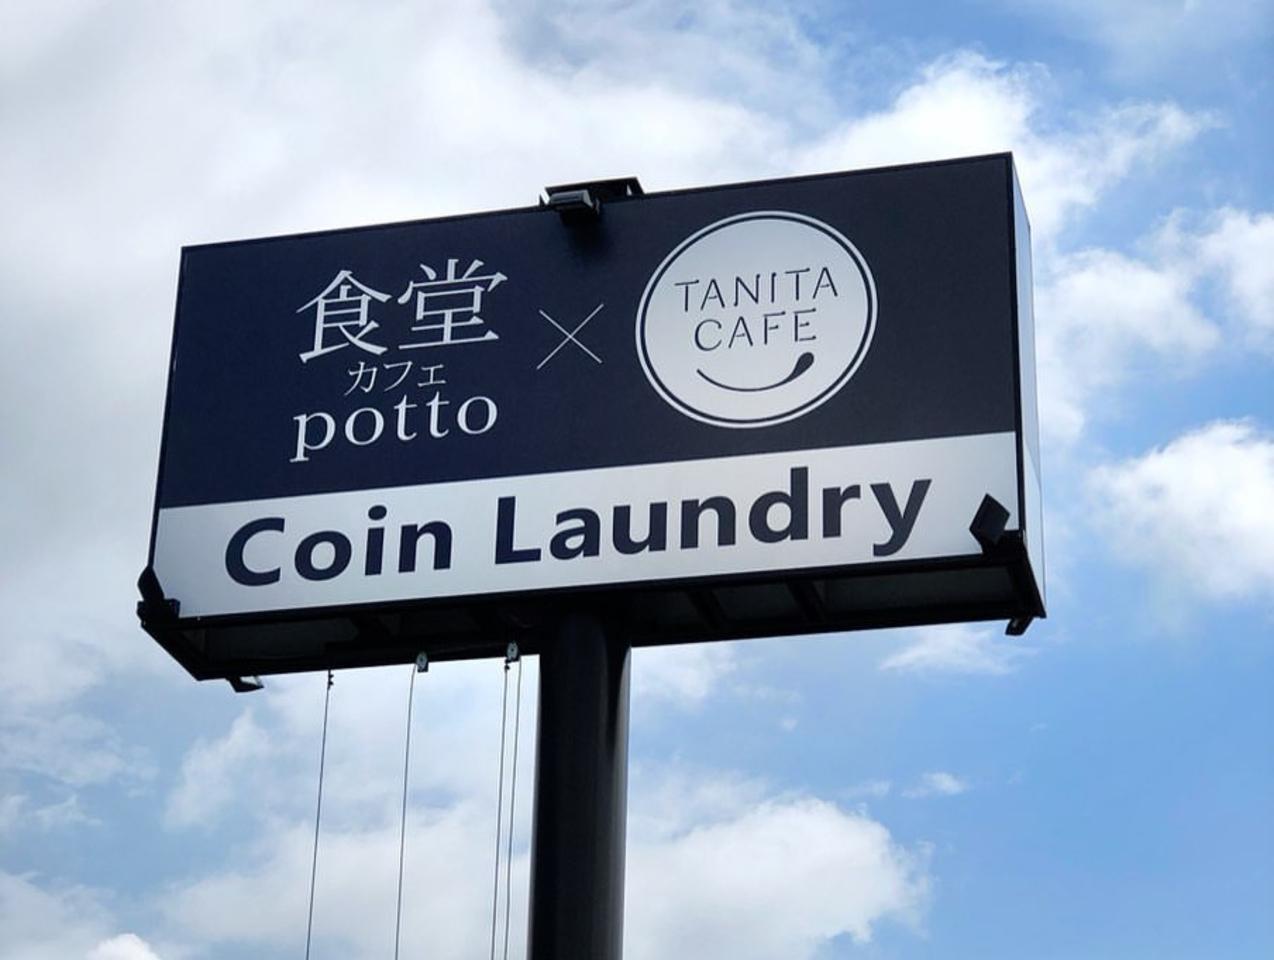 大阪府吹田市岸部北に「食堂カフェポット×タニタカフェ吹田紫金山公園店」がオープンされたようです。